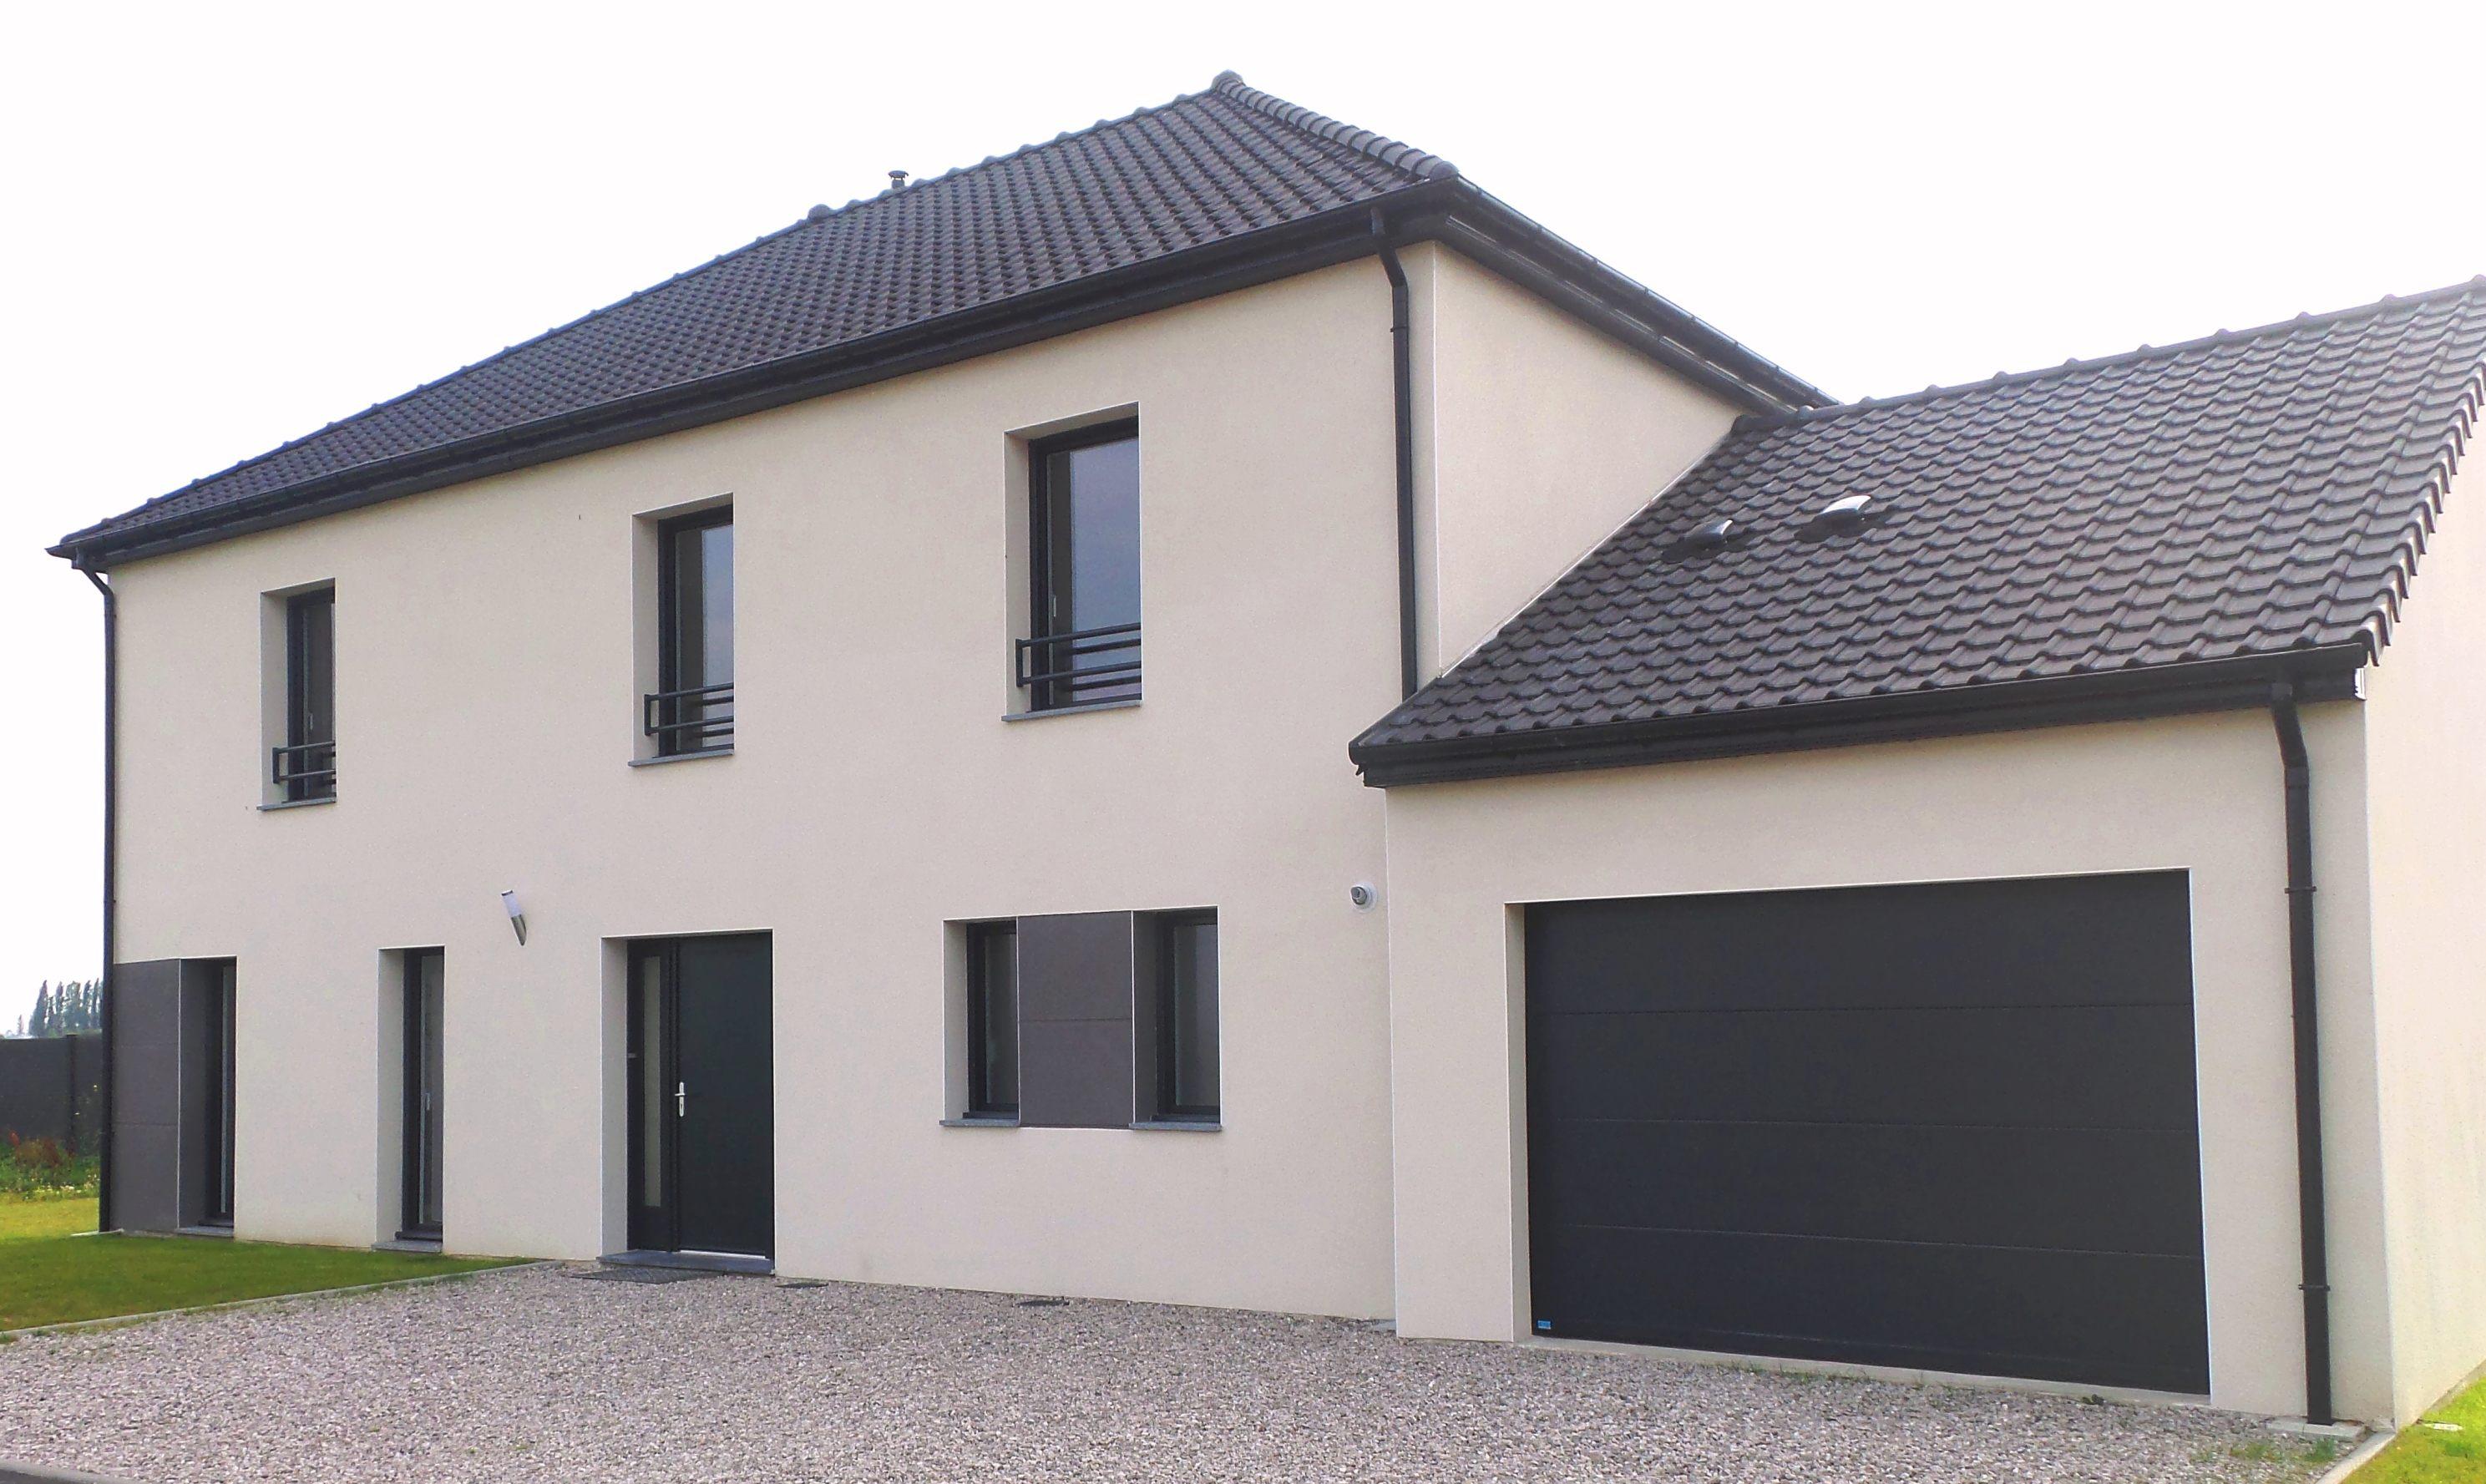 Maisons + Terrains du constructeur MAISON FAMILIALE • 140 m² • LA FERTE SOUS JOUARRE